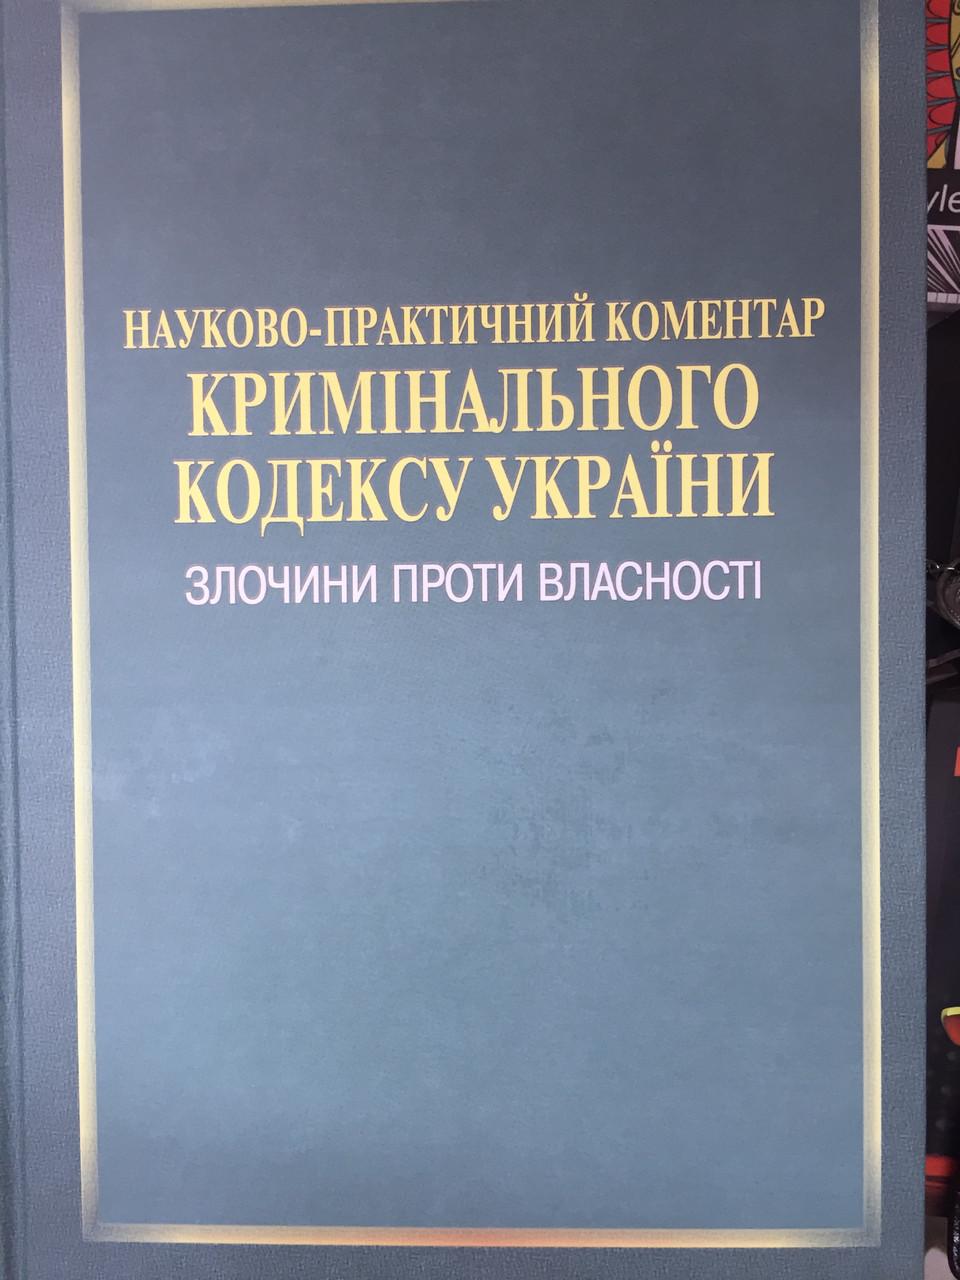 Науково-практичний коментар Кримінального кодексу України: Злочини проти власності. За ред. М.І. Хавронюка